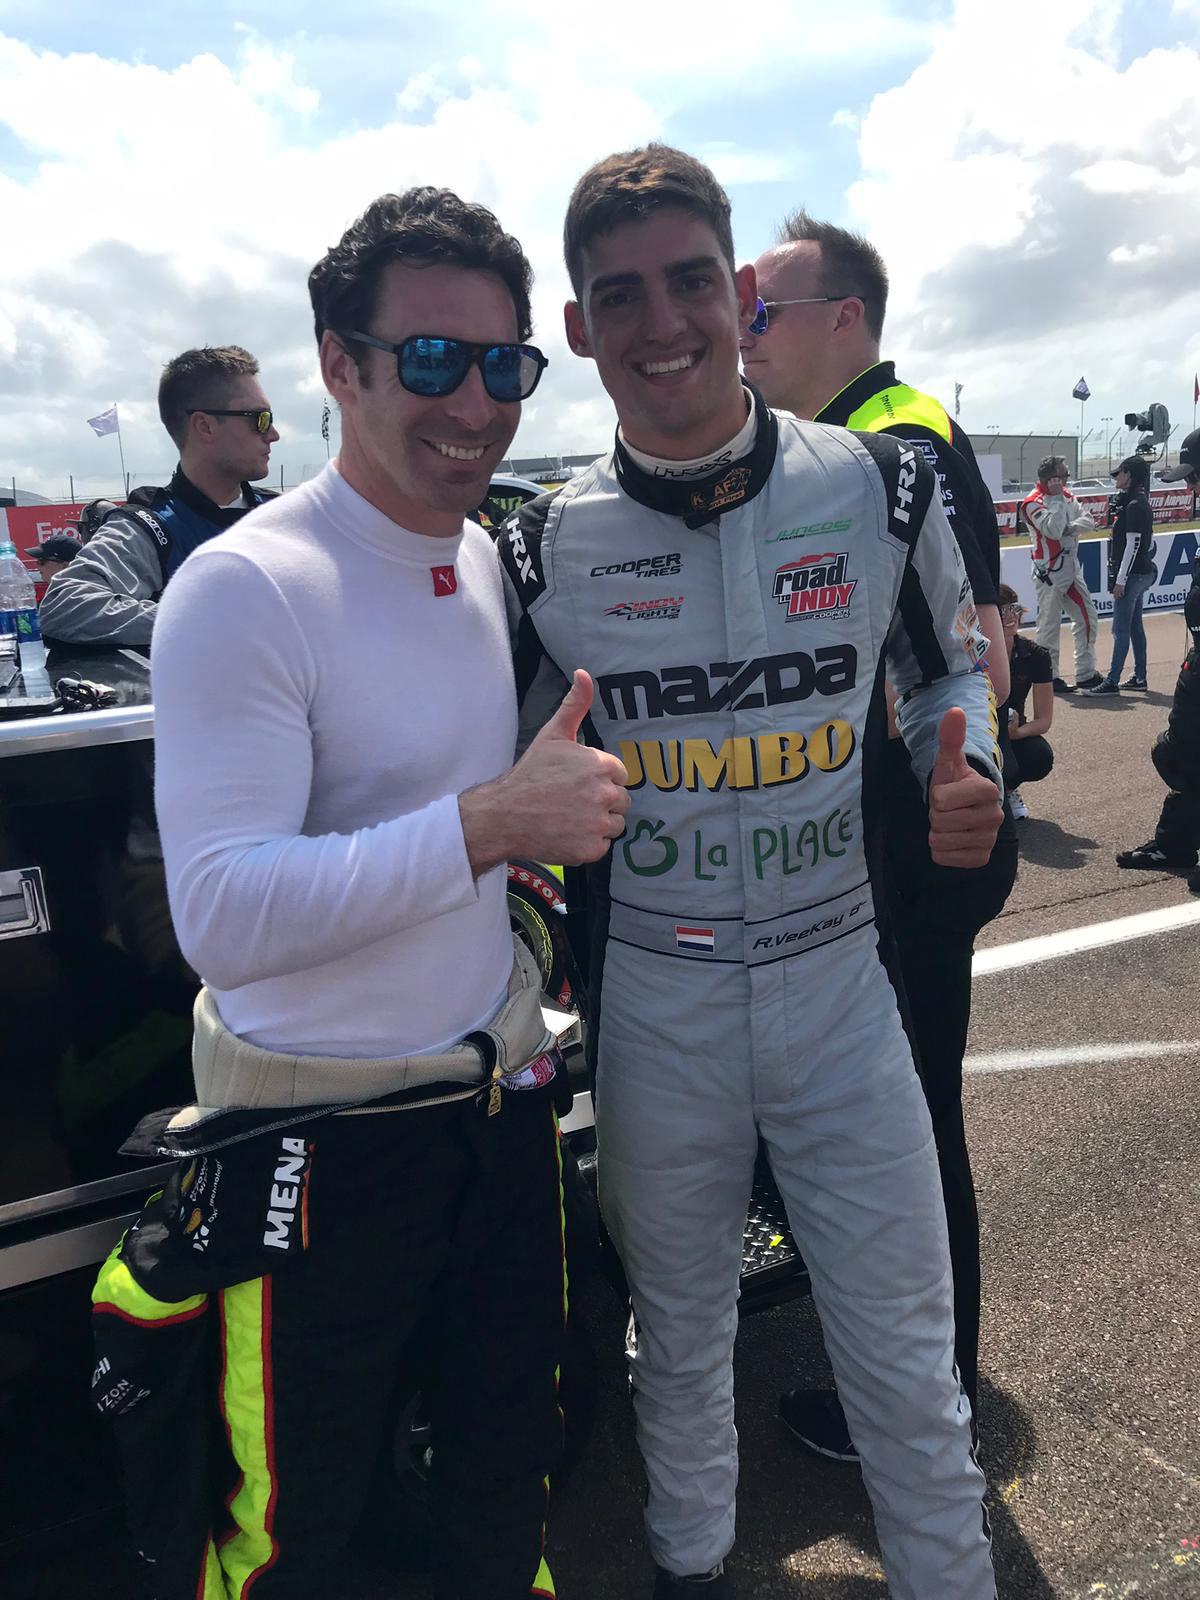 Rinus van Kalmthout (rechts) samen met Simon Pagenaud, de coureur die vorig jaar de Indy 500 won en als tweede in het kampioenschap eindigde.